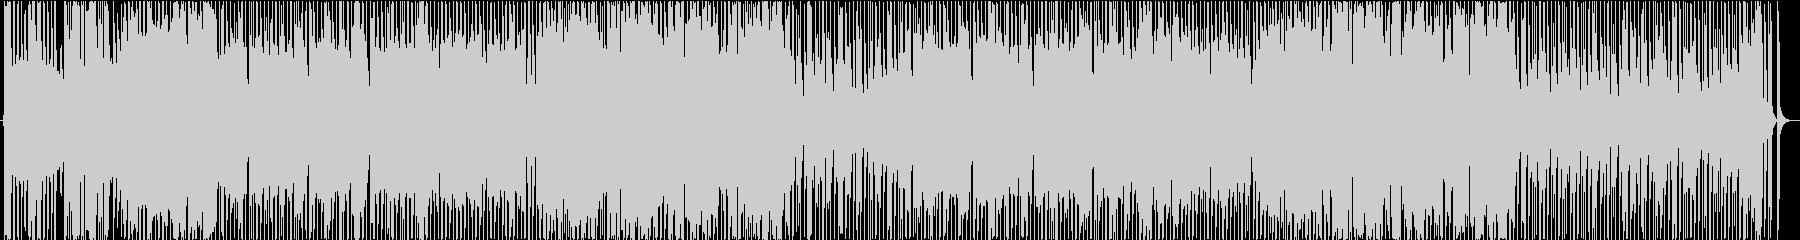 ポップで広がりのあるピコピコBGMの未再生の波形